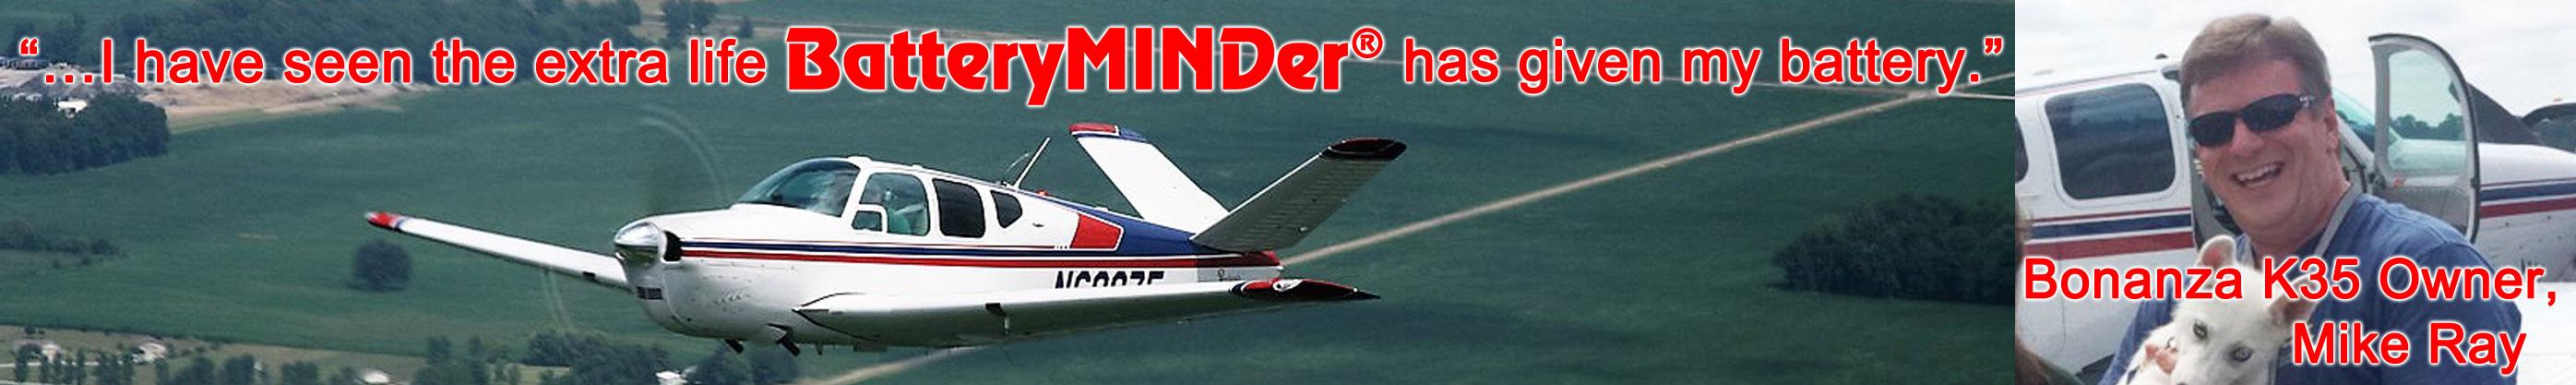 review-aircraft-banner.jpg